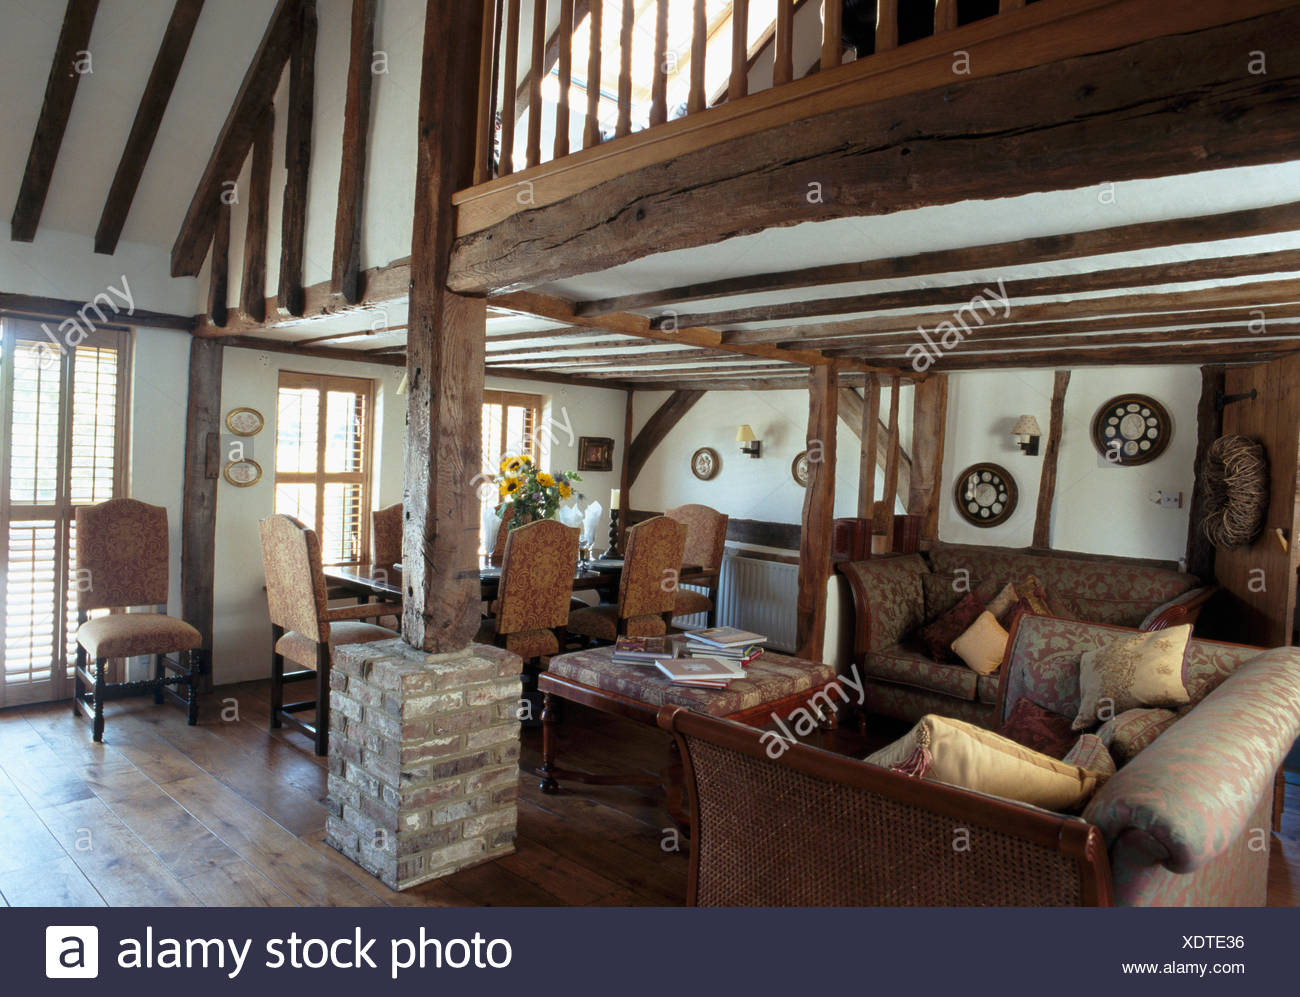 Wohnzimmer mit Mezzanine und Holzbalken Stockfoto, Bild ...